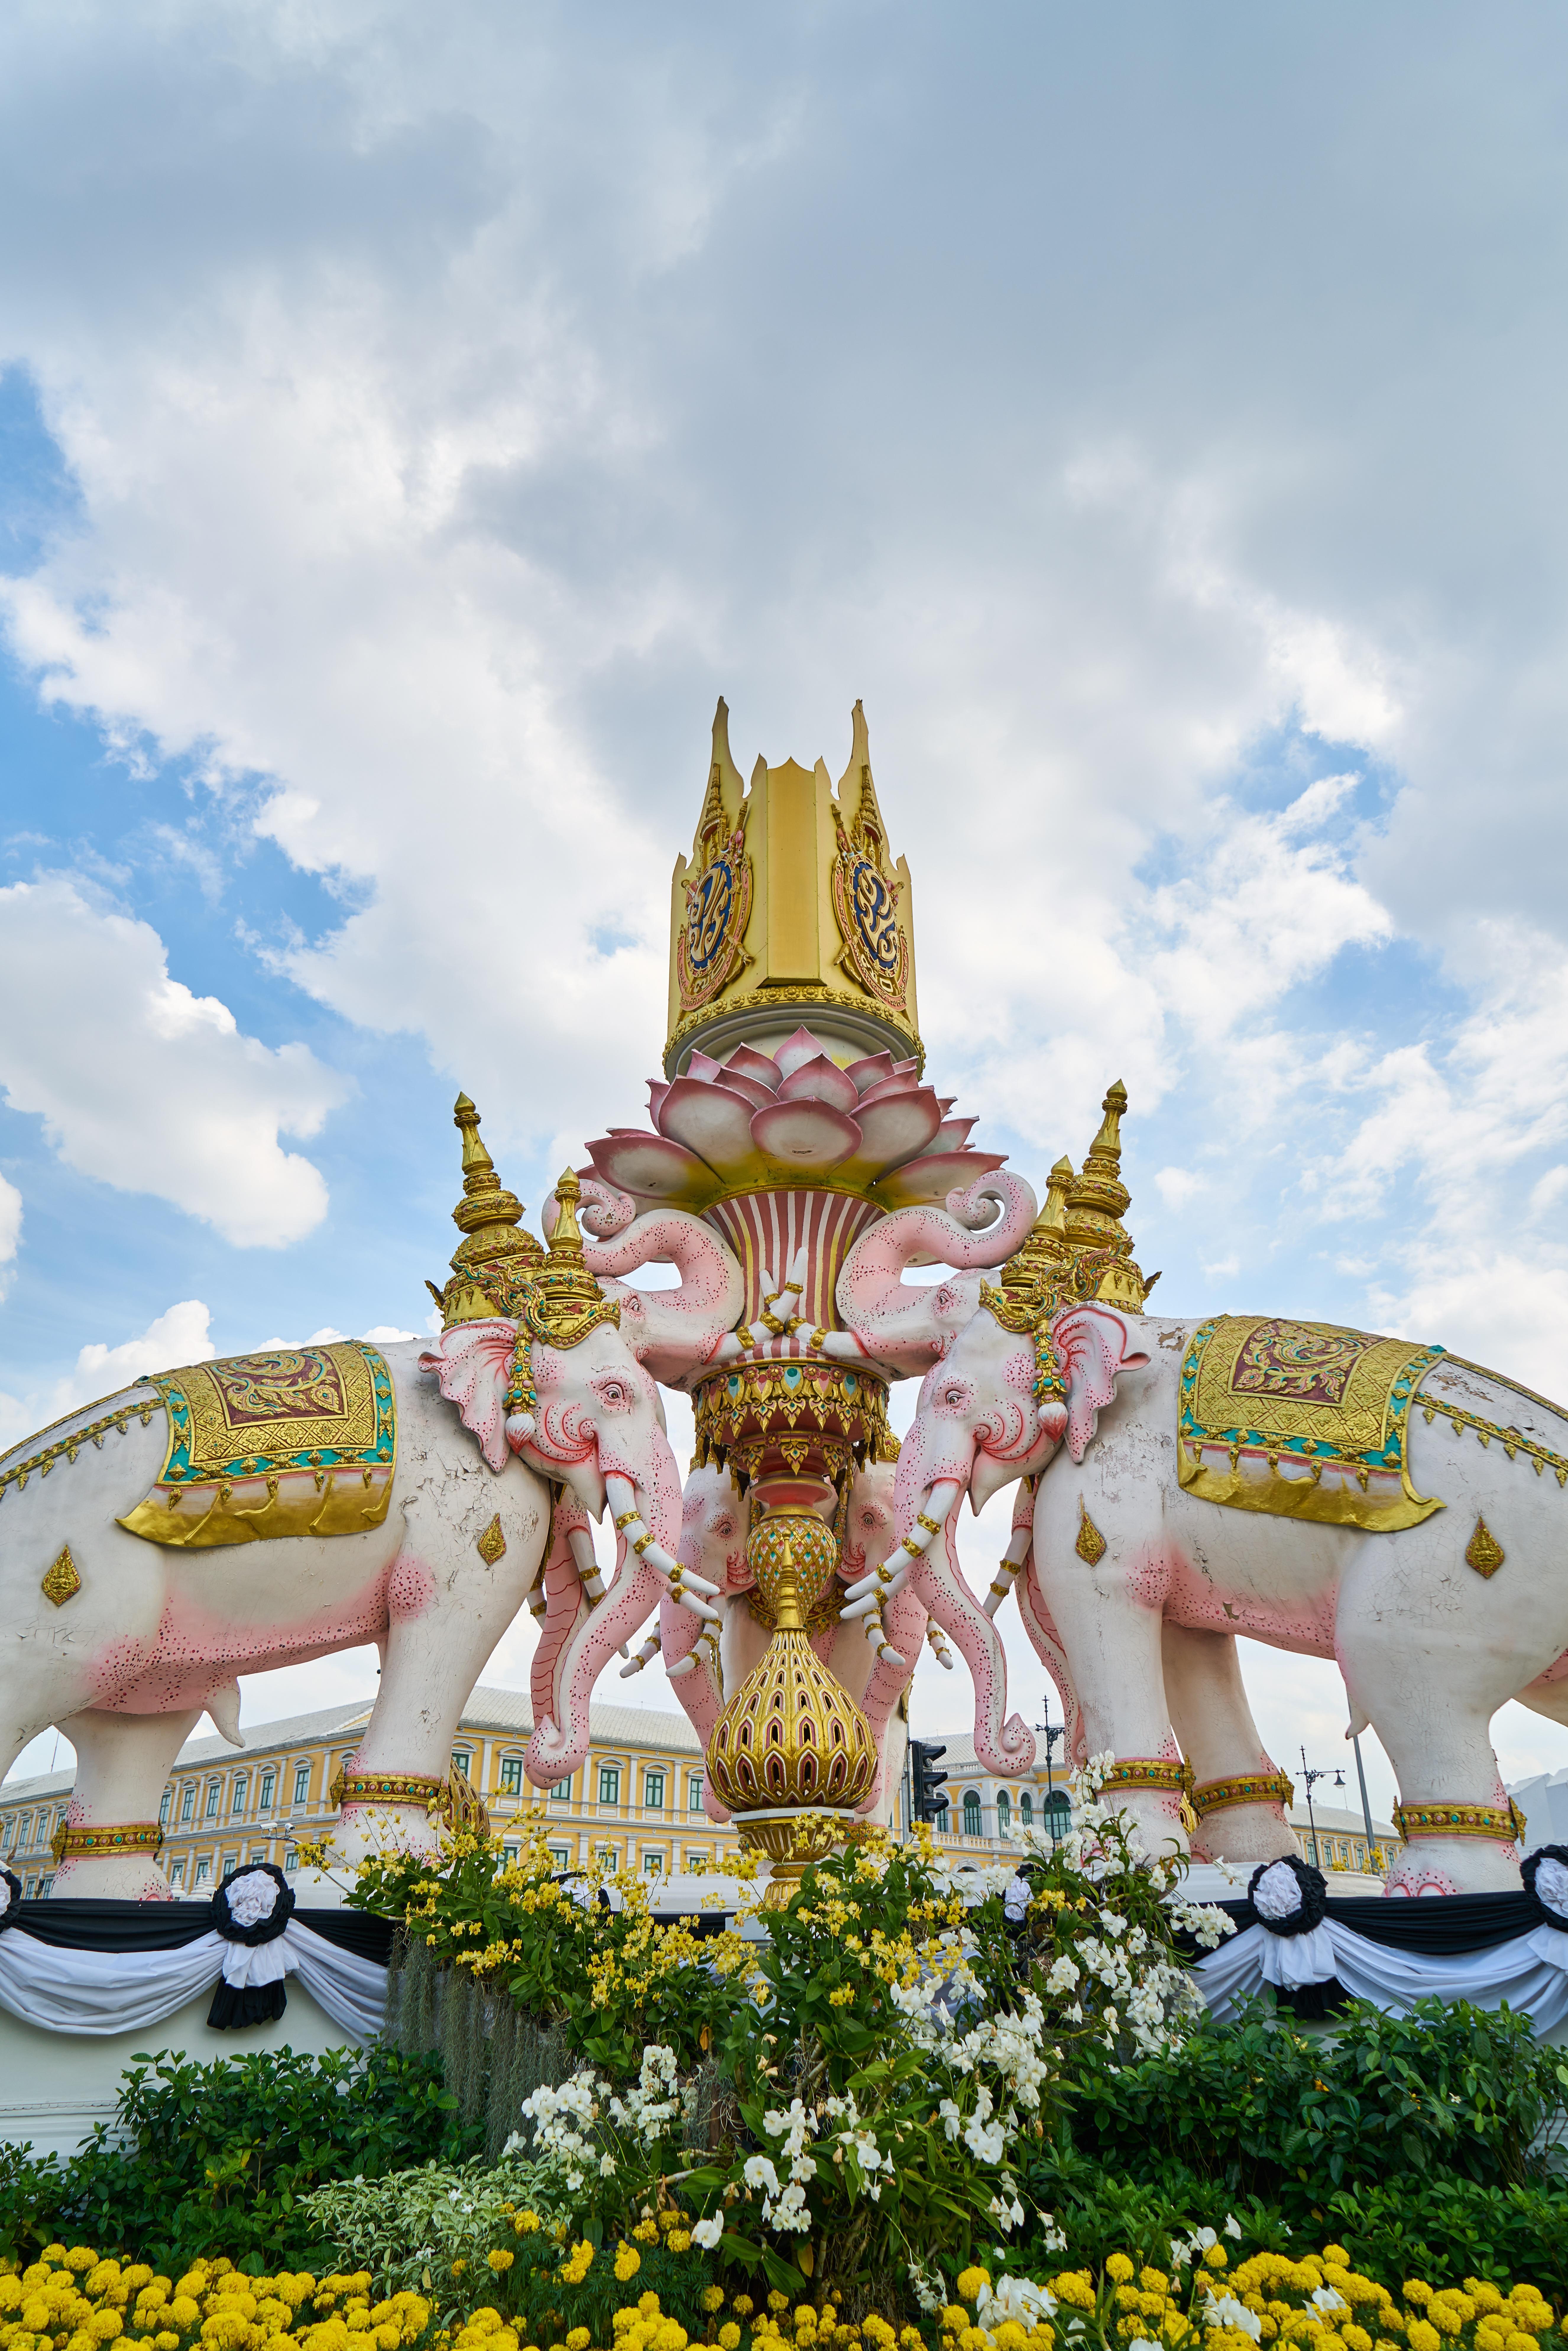 รูปภาพ : ประเทศไทย, เอเชียใต้, วัฒนธรรมไทย, กรุงเทพ, วัด ...